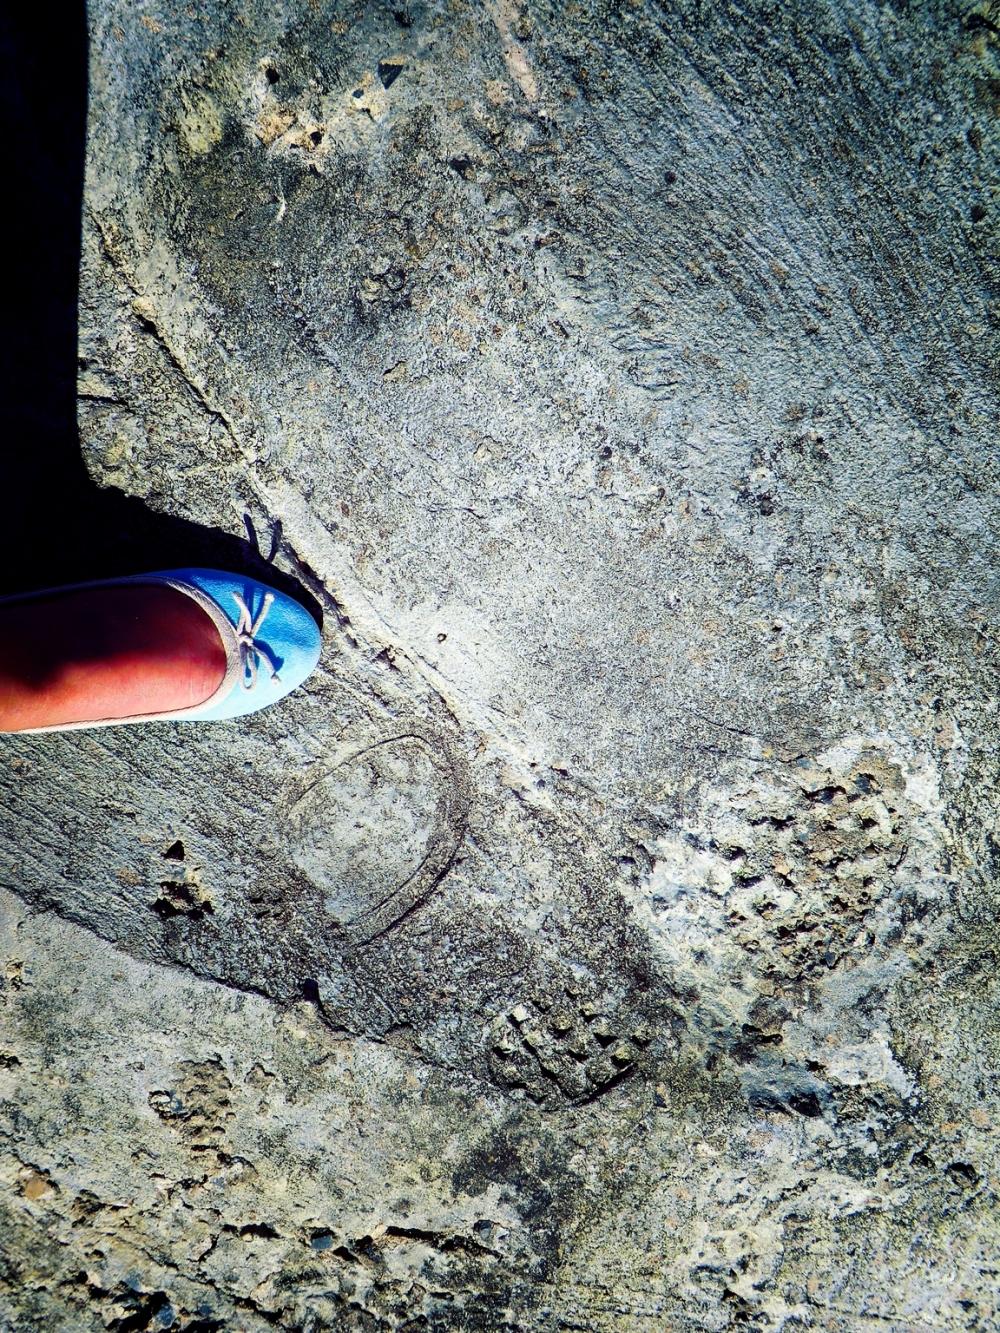 A deux pas de ma marche,les chevilles à terre...